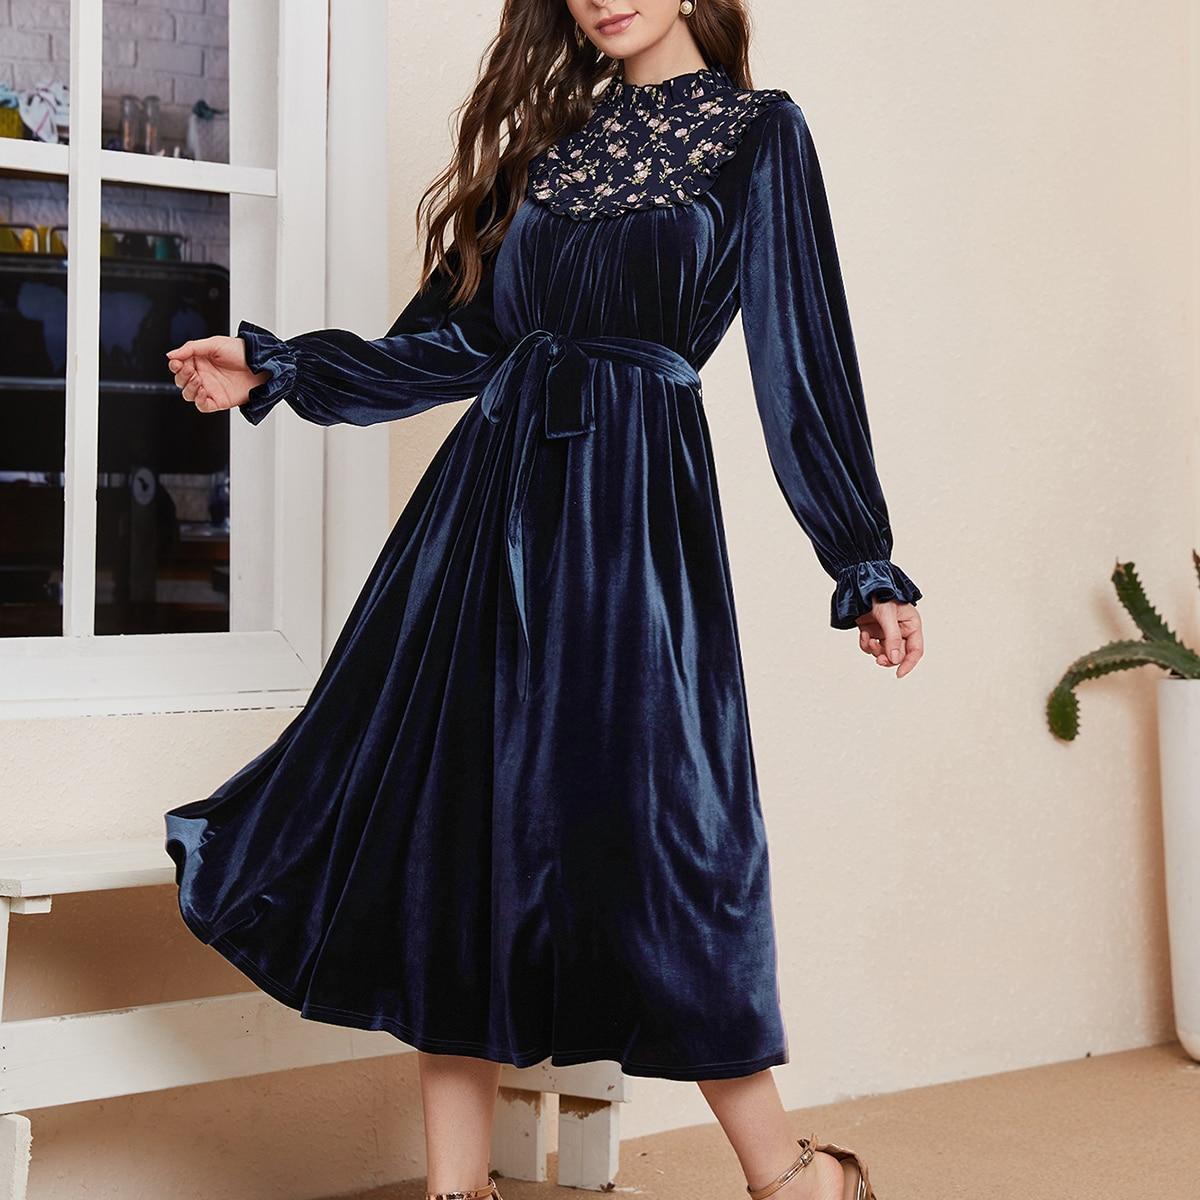 Оборка Цветочный принт Элегантный Платье